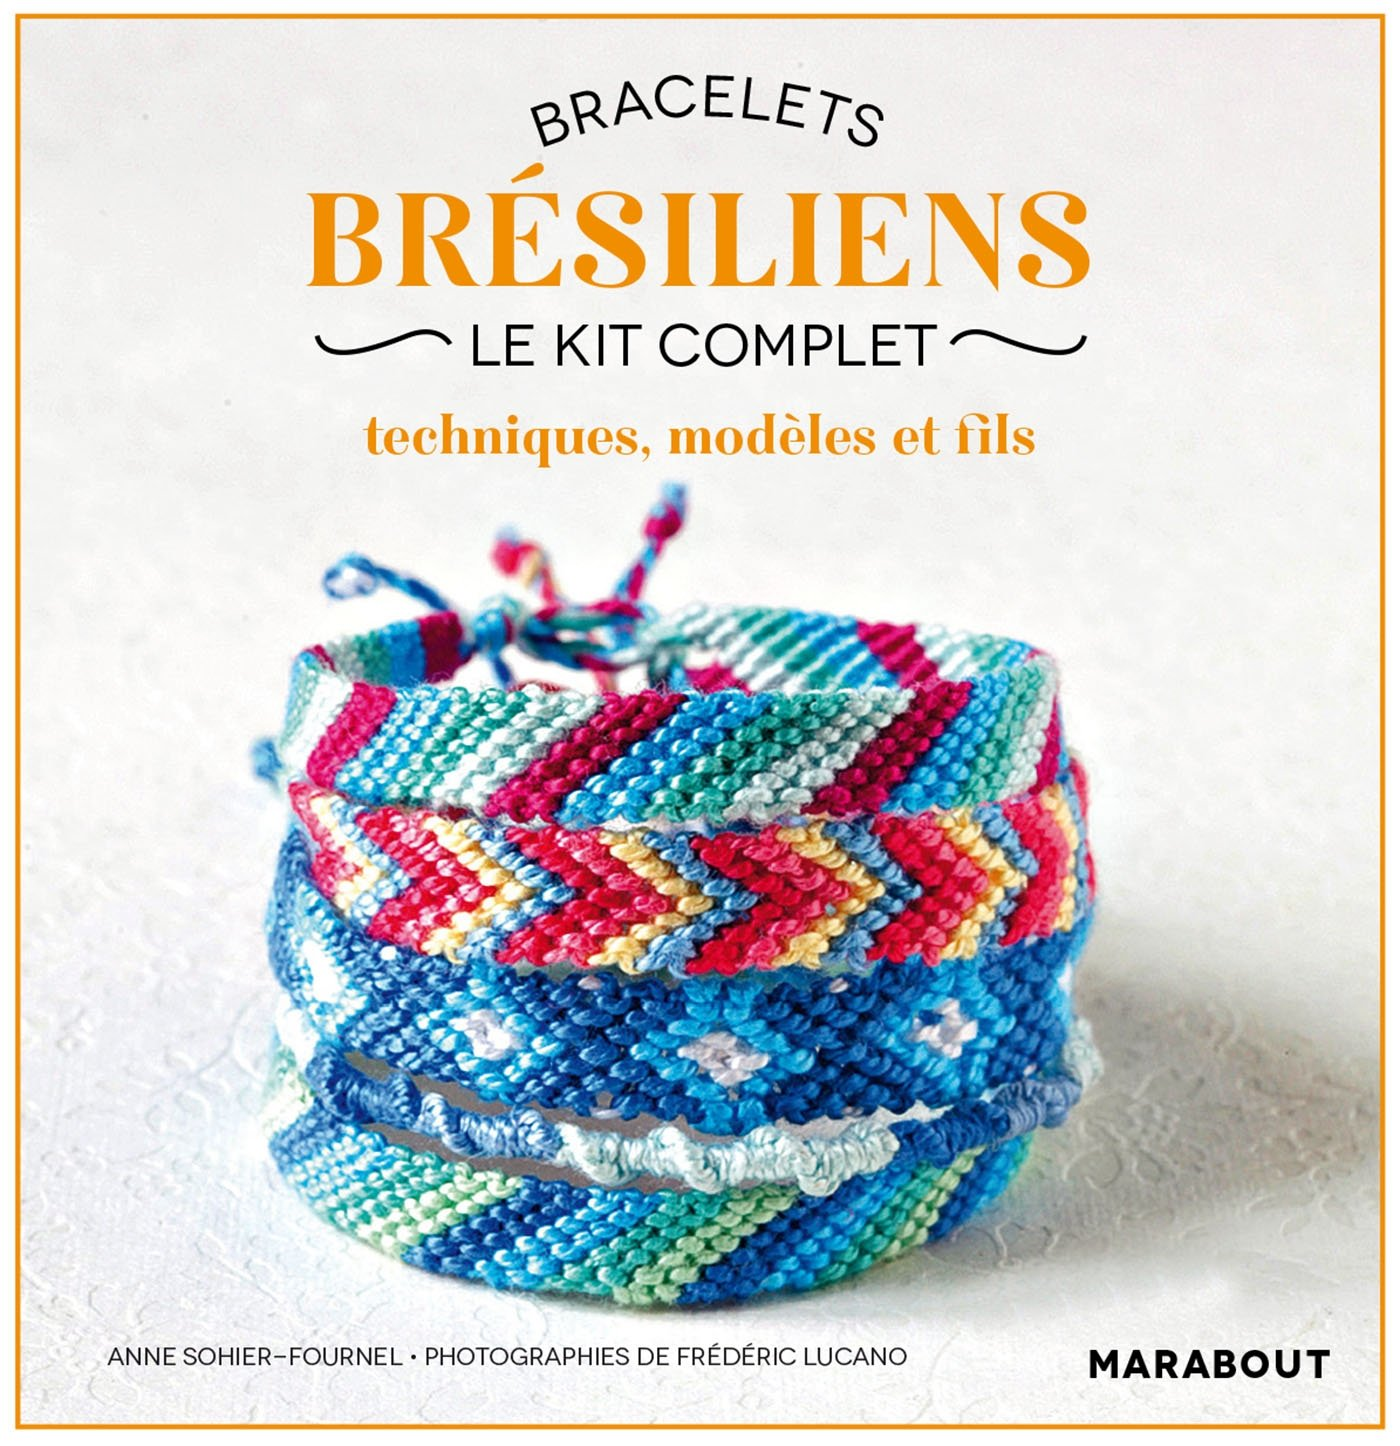 kit bracelet bresilien enfant